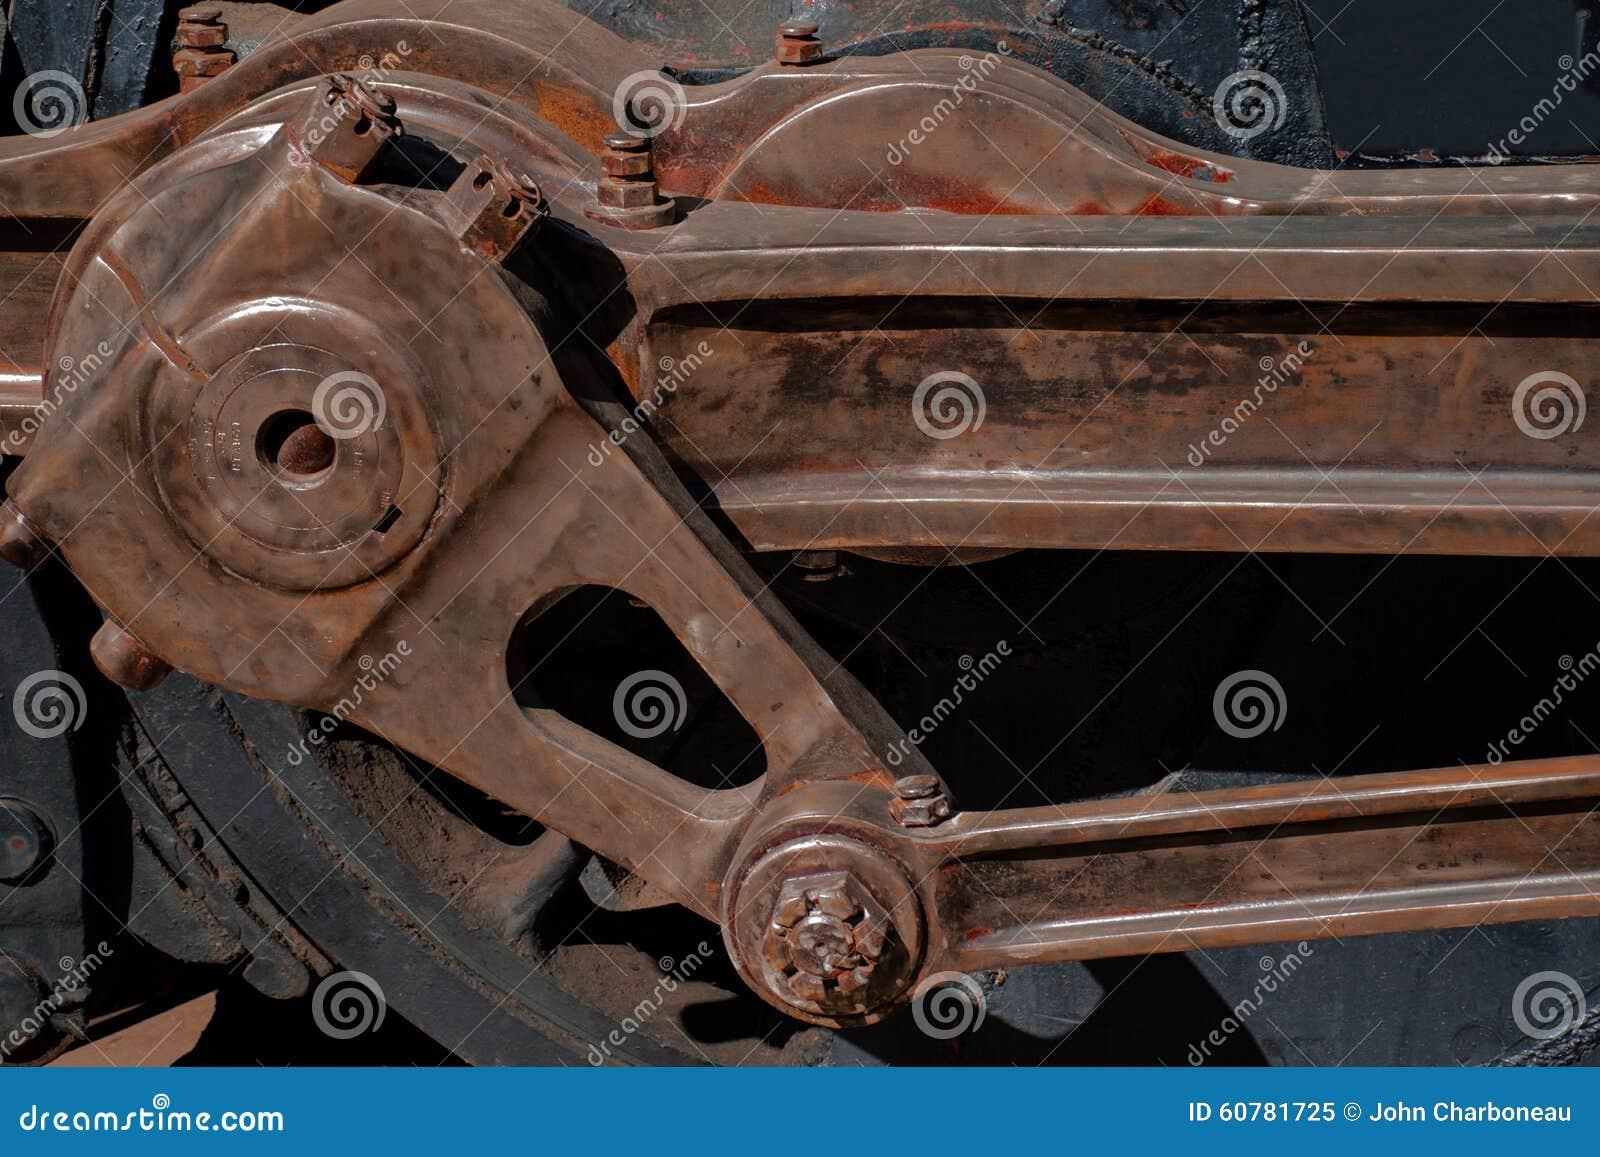 Klassieke voortbewegingssteenkool gedreven staaf en bestuurder